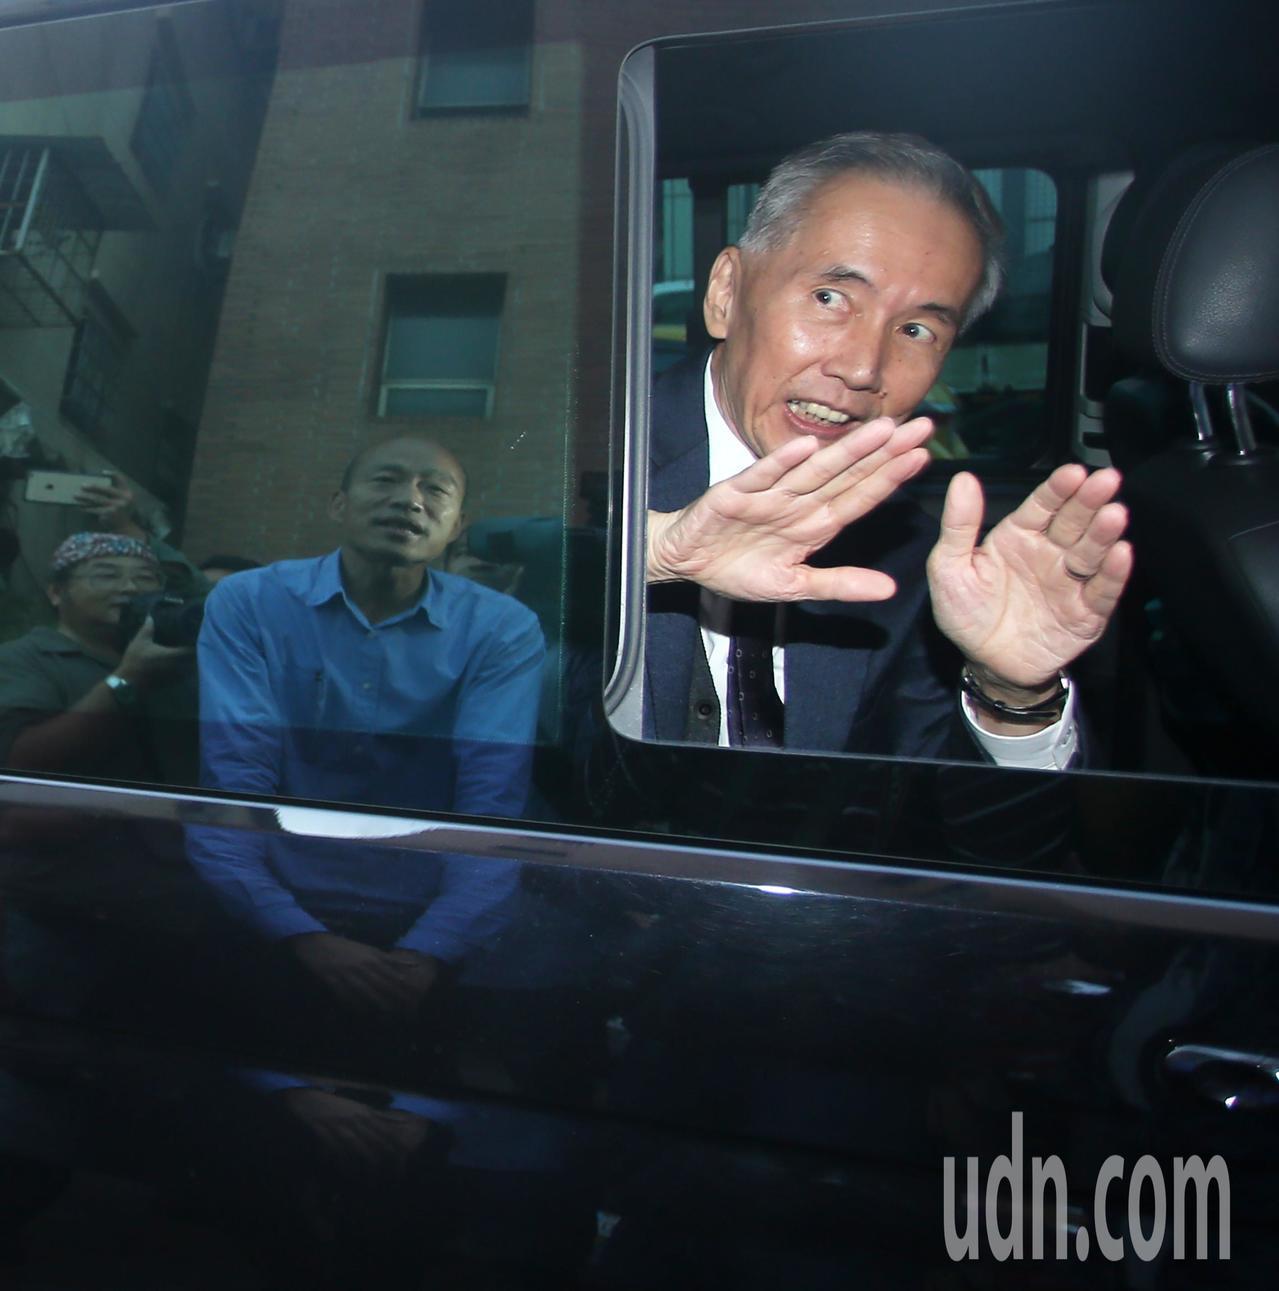 韓國瑜(左)今天下午舉行記者會說明小內閣進度,前台中市長胡自強特地帶友人(右)前...